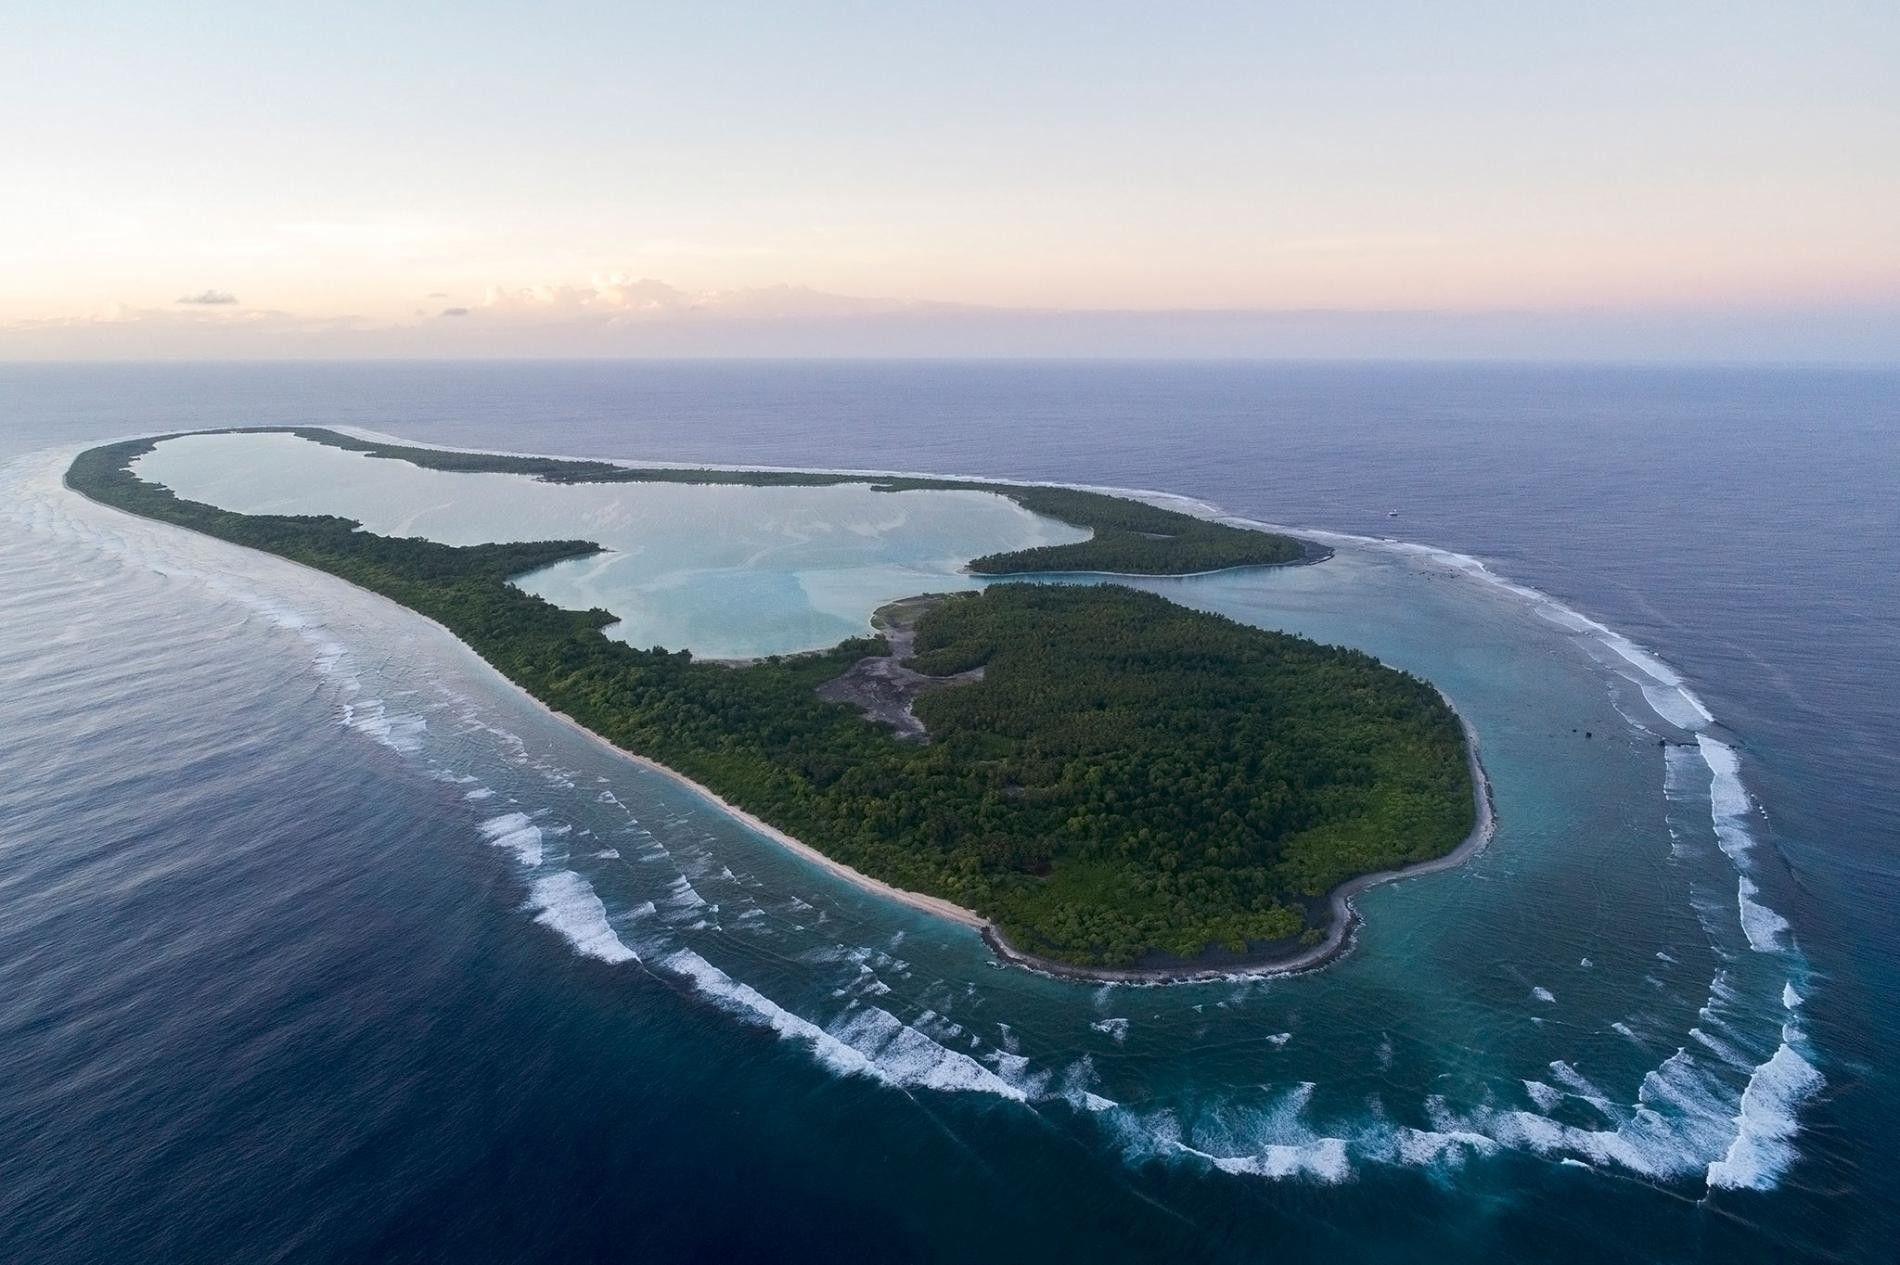 Vue aérienne de l'île de Nikumaroro à Kiribati. Une théorie suggère qu'Amelia Earhart aurait effectué un atterrissage d'urgence sur cette île qui grouille de crabes de cocotier.